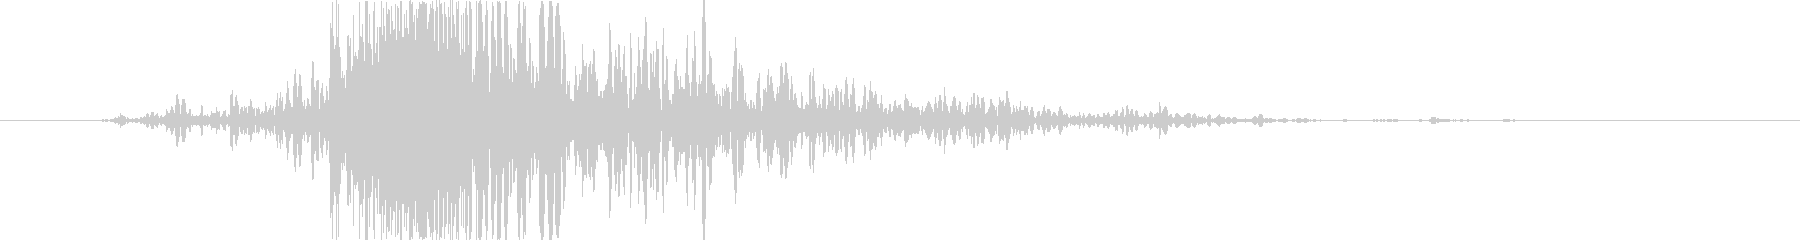 斬撃 ファイヤーイグナイトミディアム01の未再生の波形